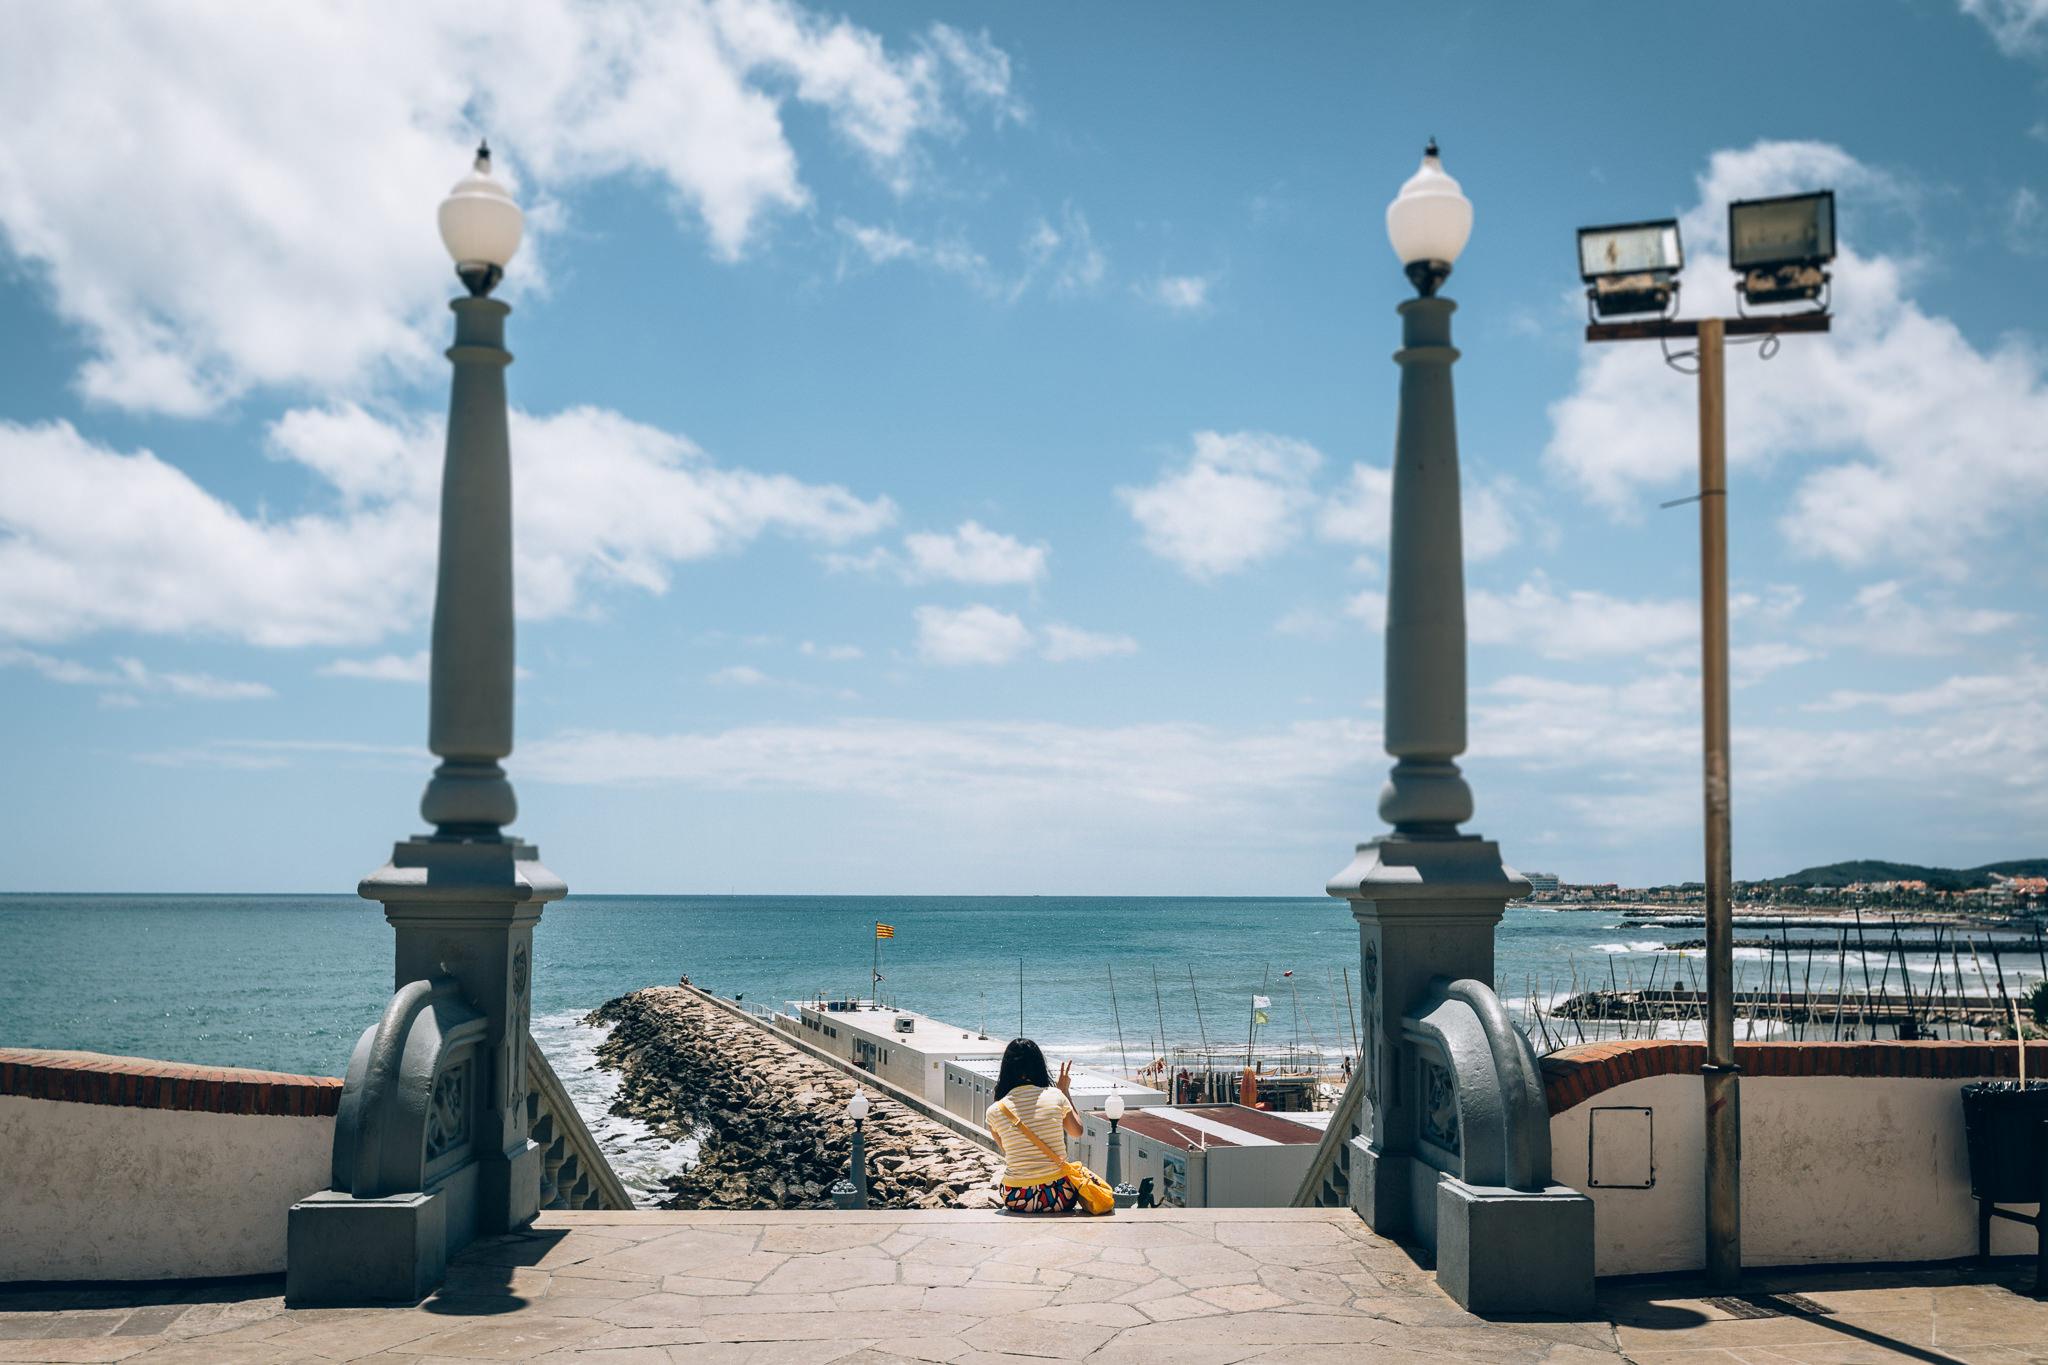 Fotografía tomada en Sitges, Barcelona, donde una turista asiática posa mientras le hacen una fotografía.